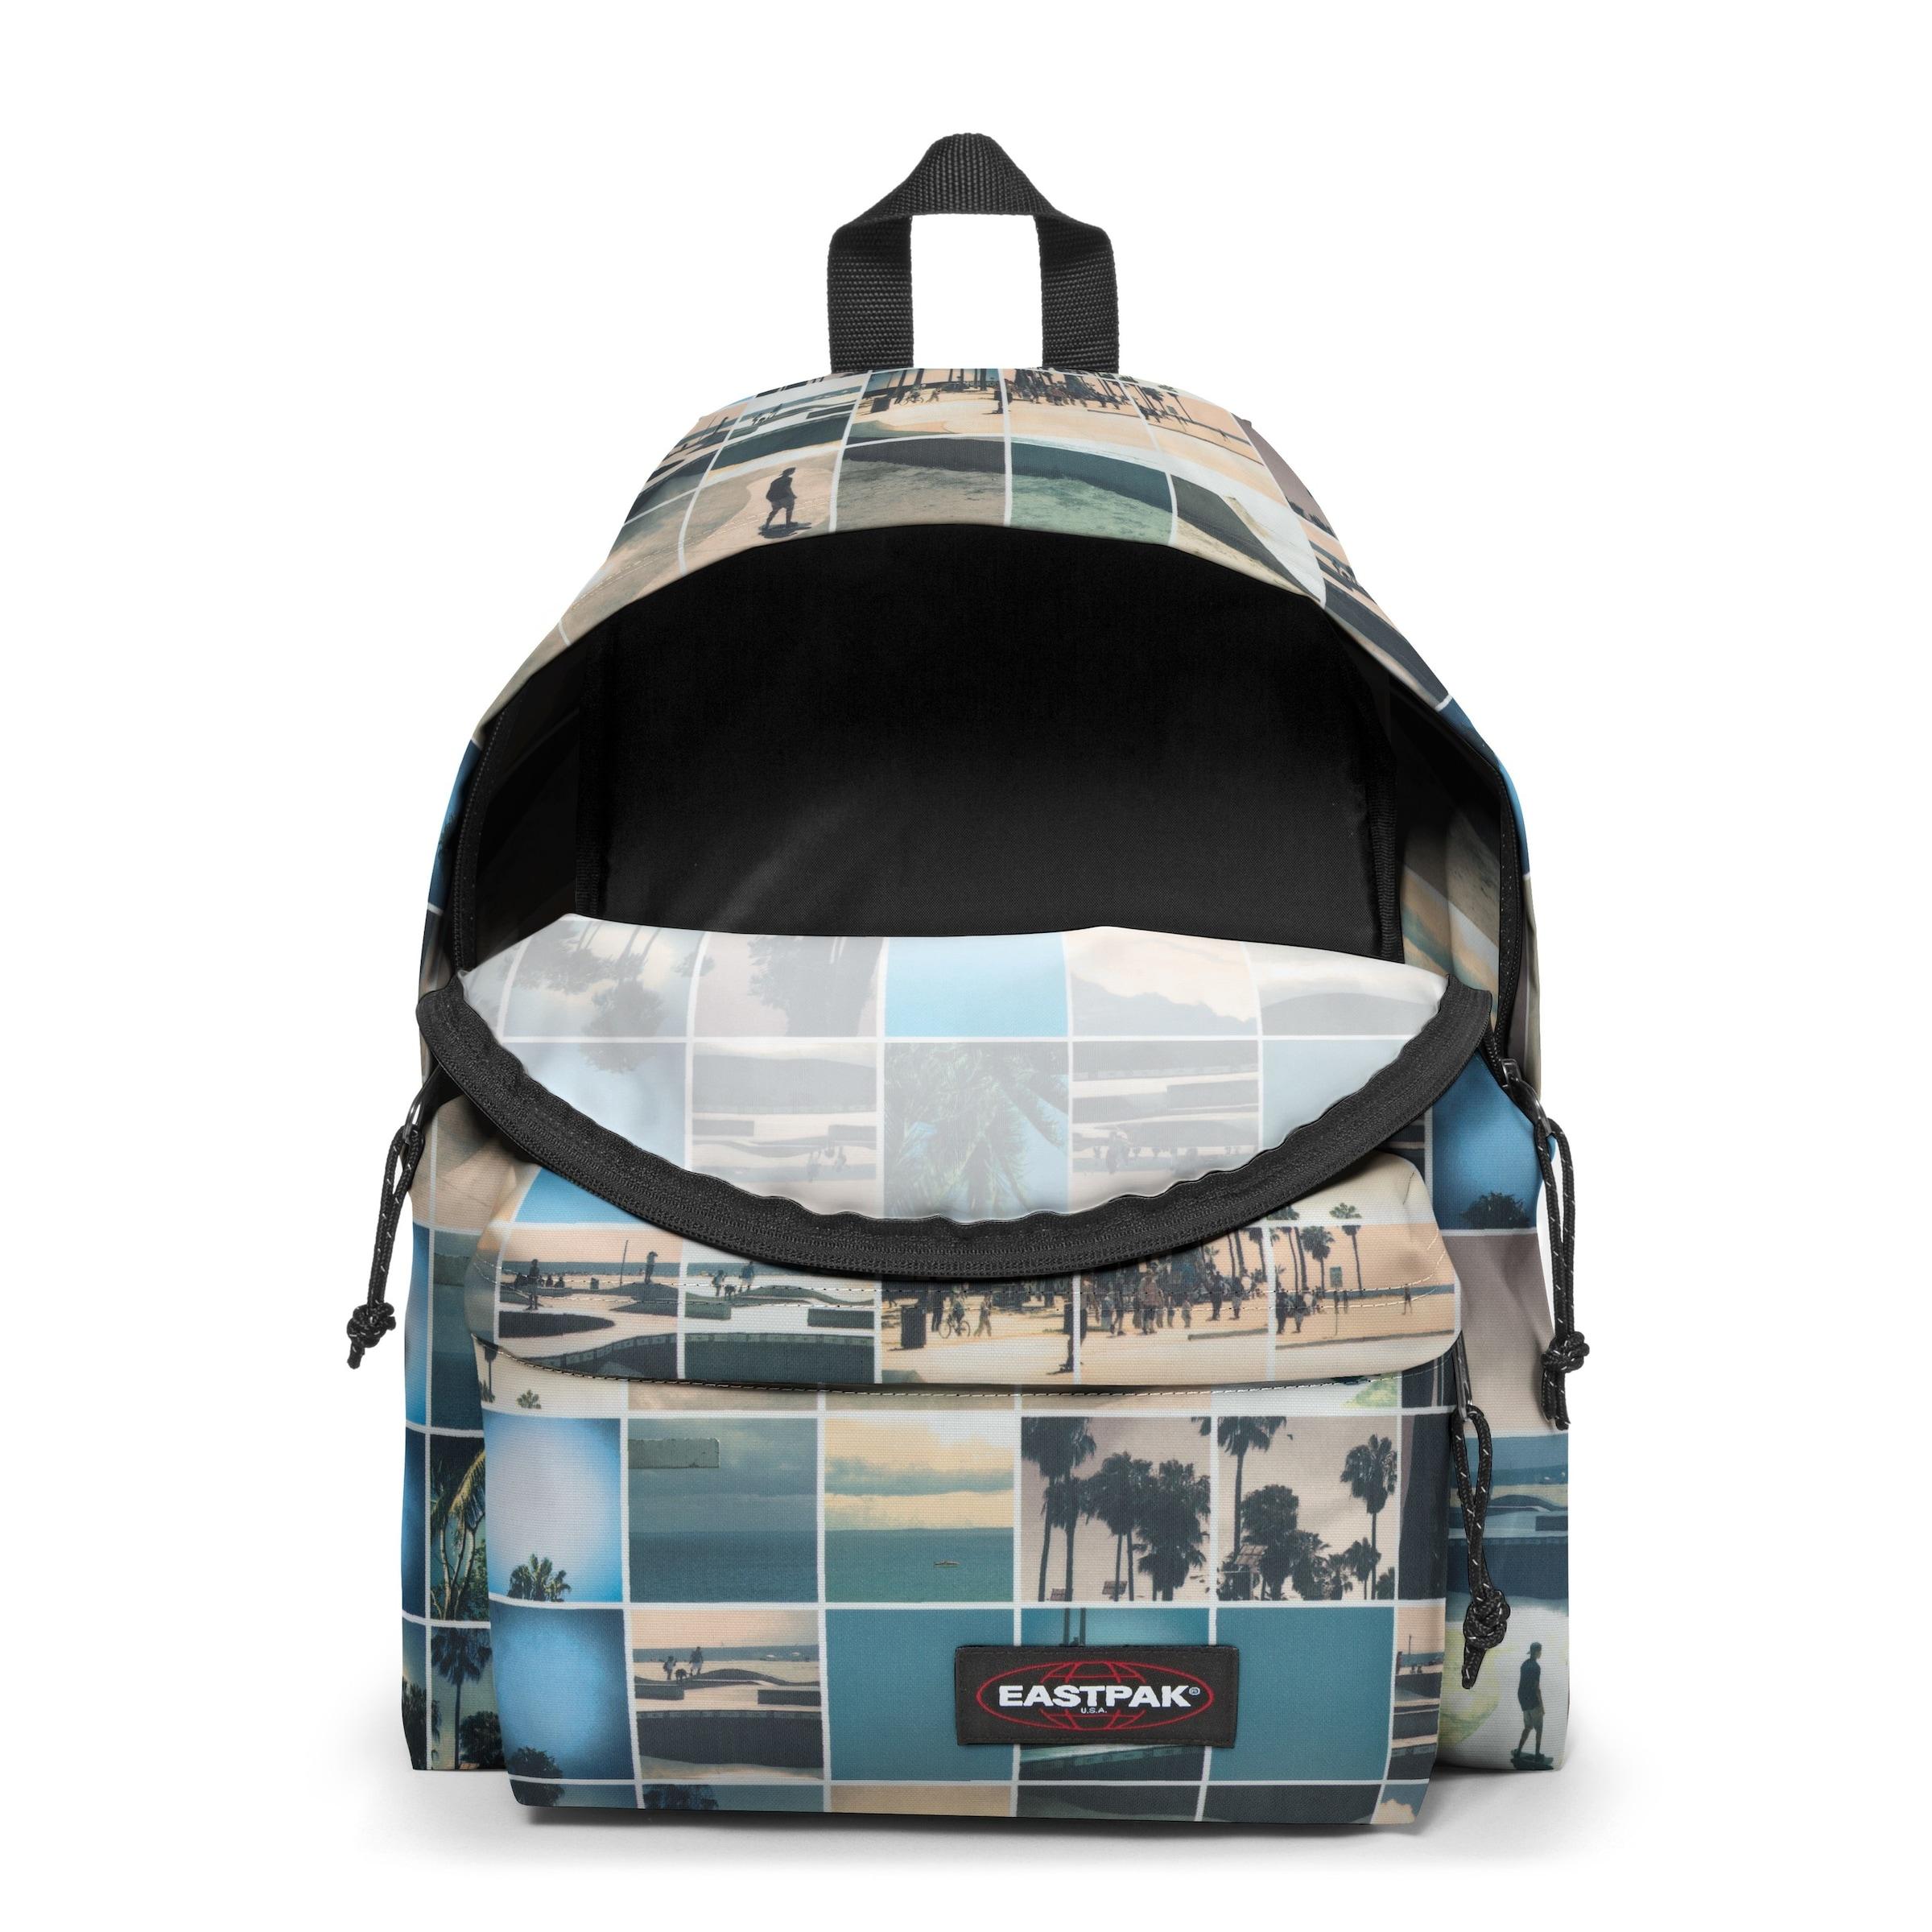 EASTPAK Authentic Collection Padded Pak'r 184 Rucksack 40 cm Wirklich Günstiger Preis Online-Verkauf Billig Verkauf Sast Kaufen ulMH4g